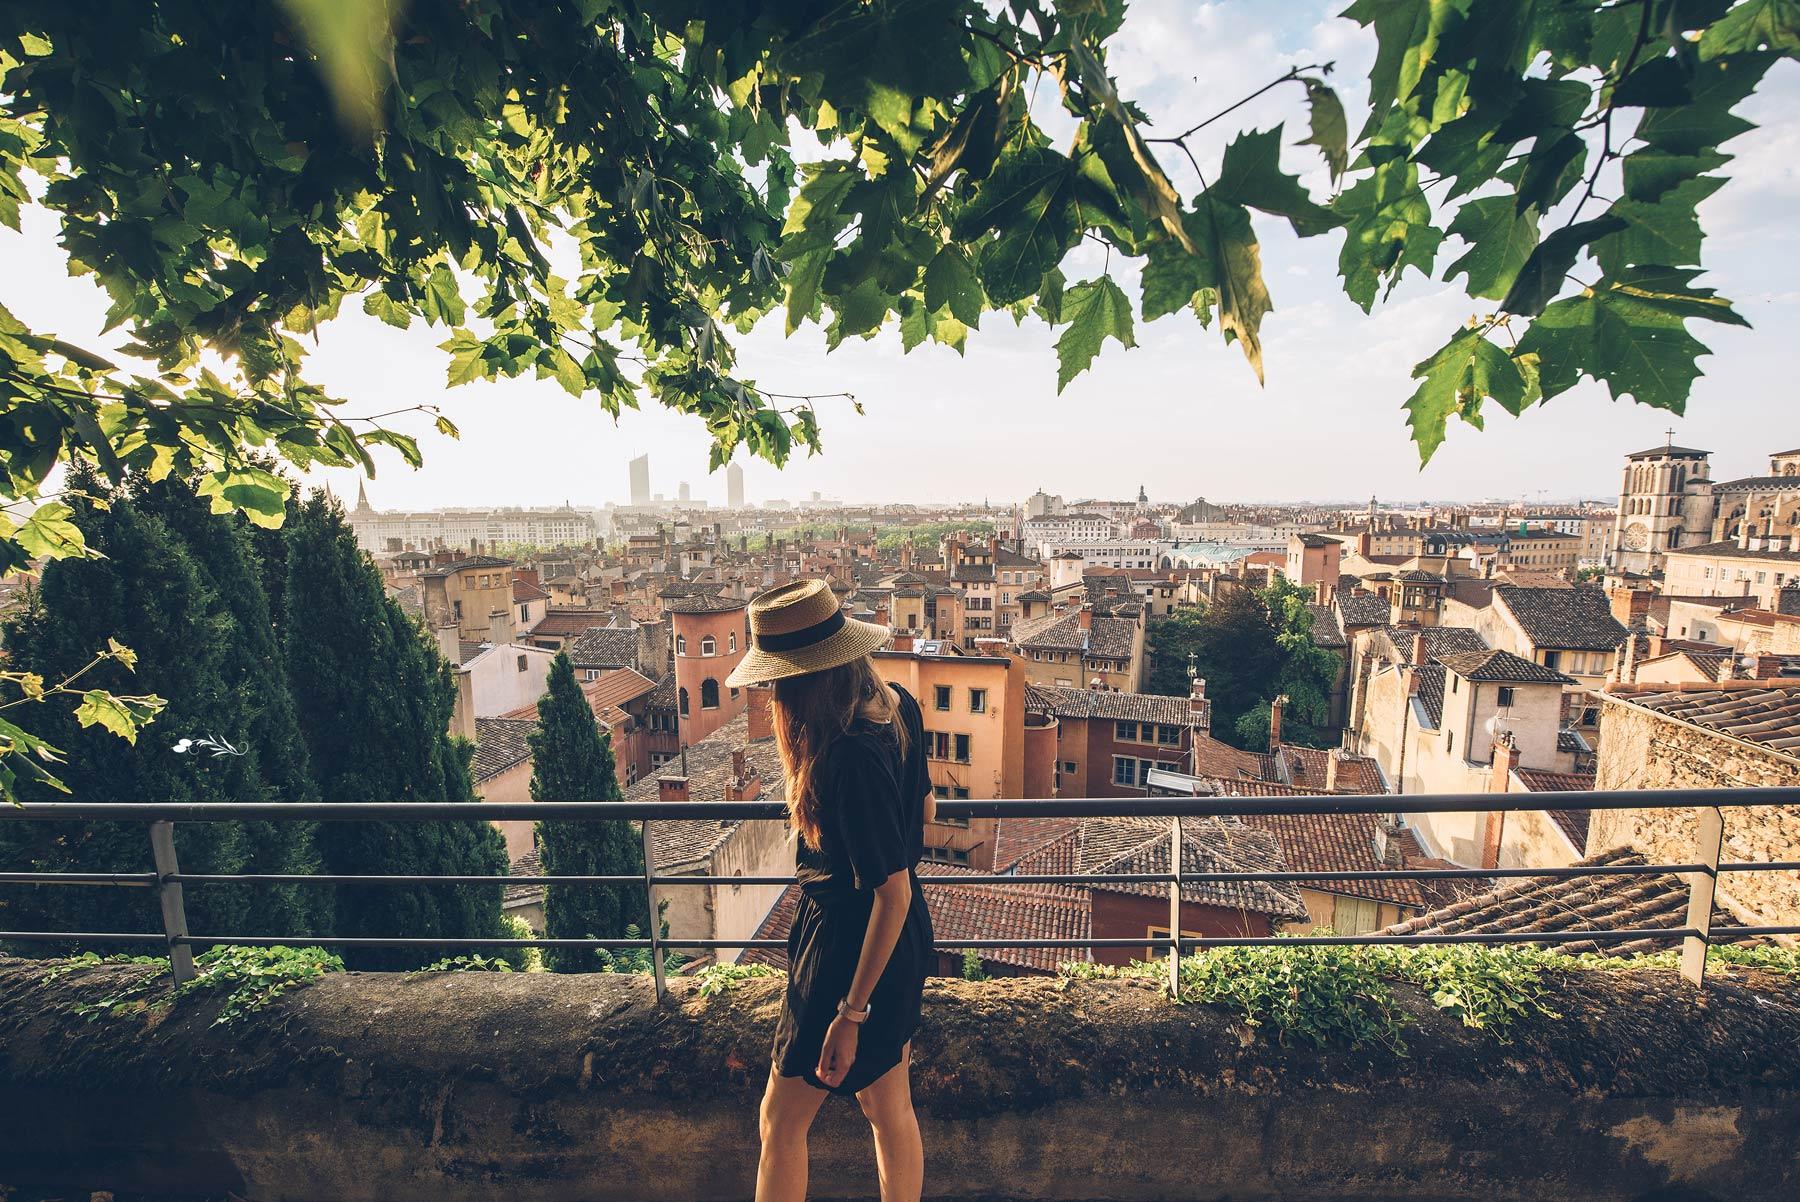 Vue sur les toits du vieux Lyon, Villa Florentine